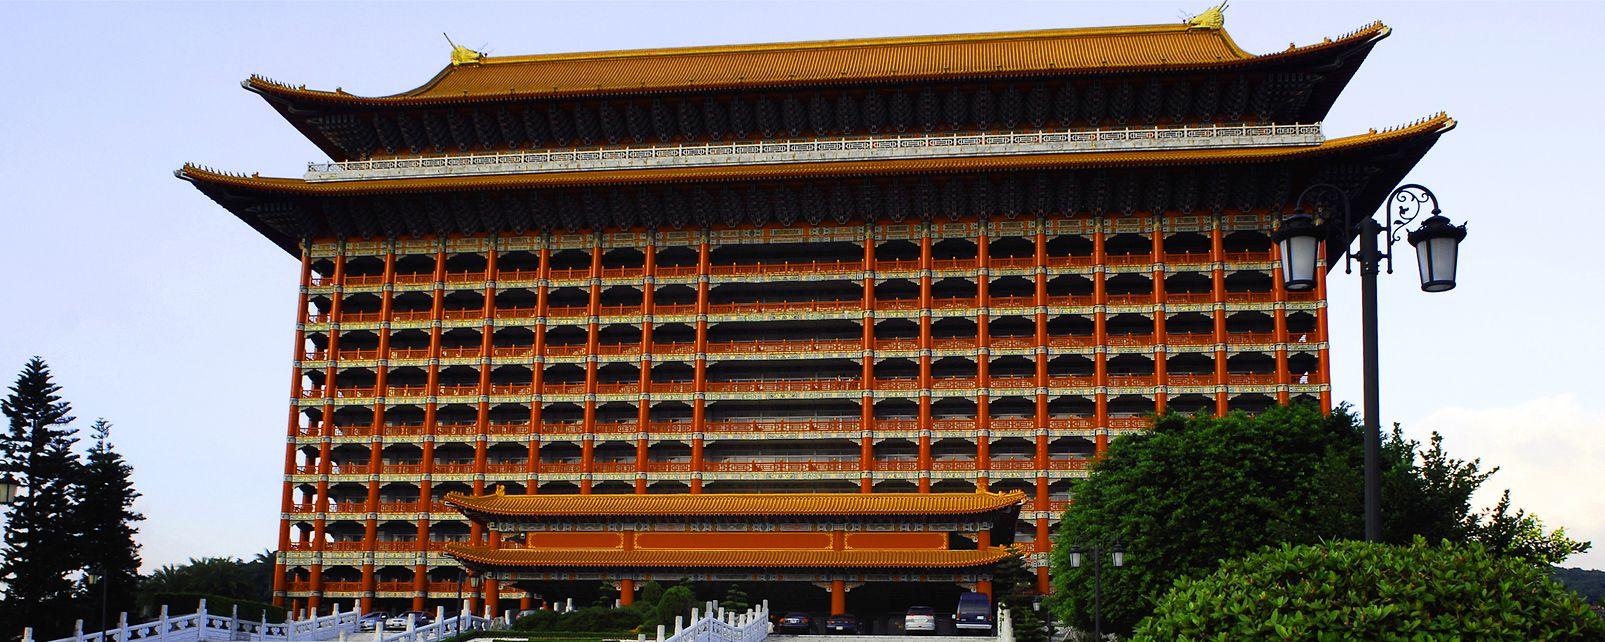 Le Grand Hôtel Taipei, Le Grand Hôtel à Taipei, Les monuments, Taïwan